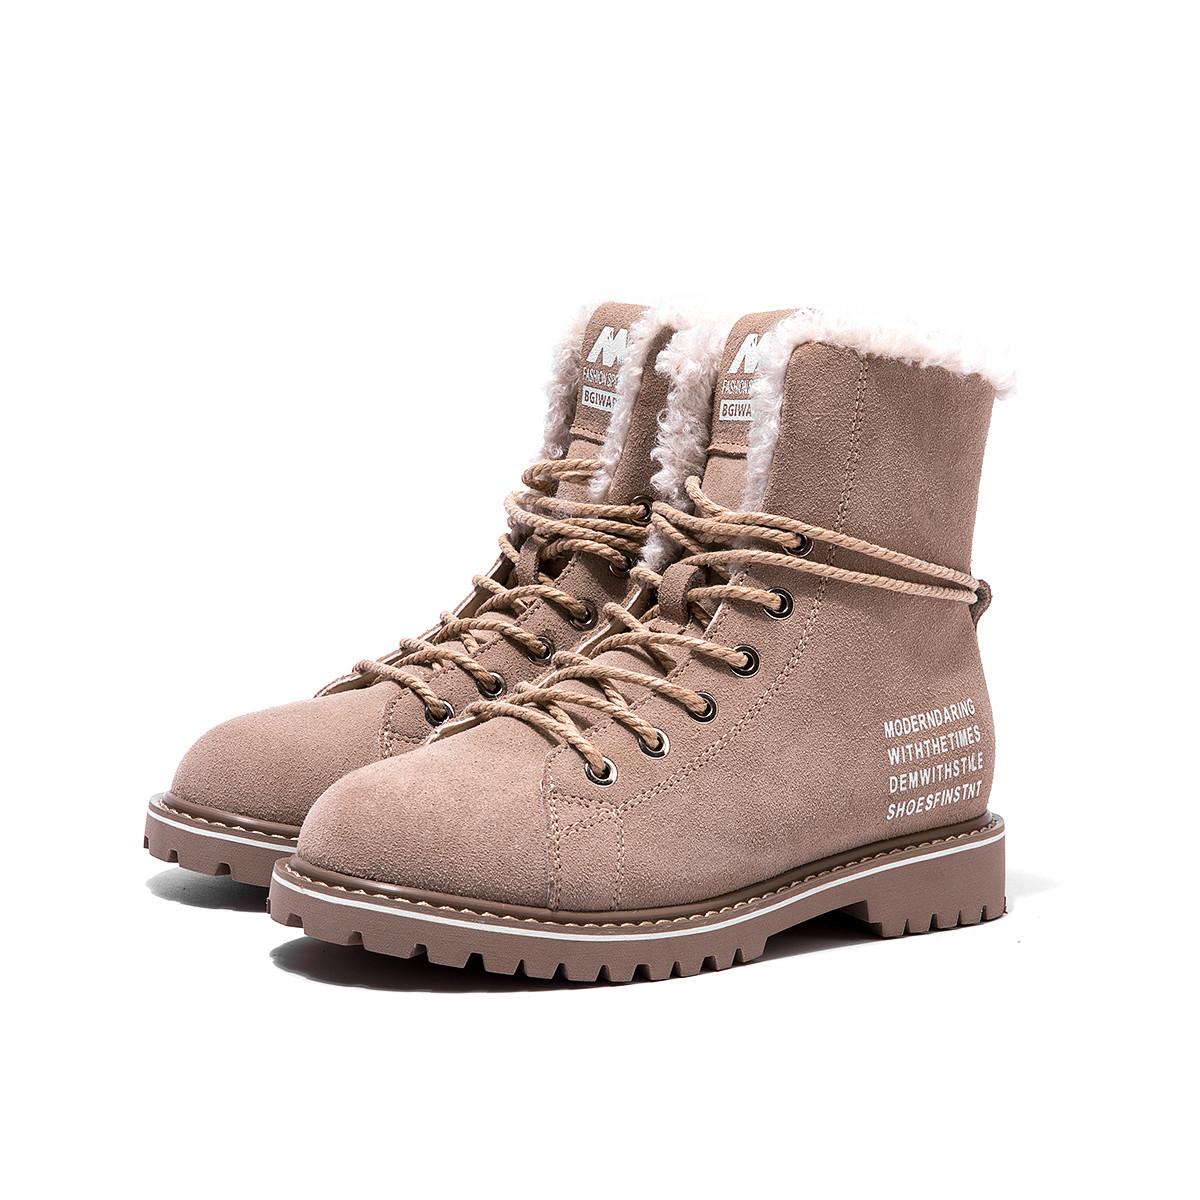 奥康奥康女鞋 2019年秋冬新款牛反绒车缝线字母加绒马丁靴短靴196022056